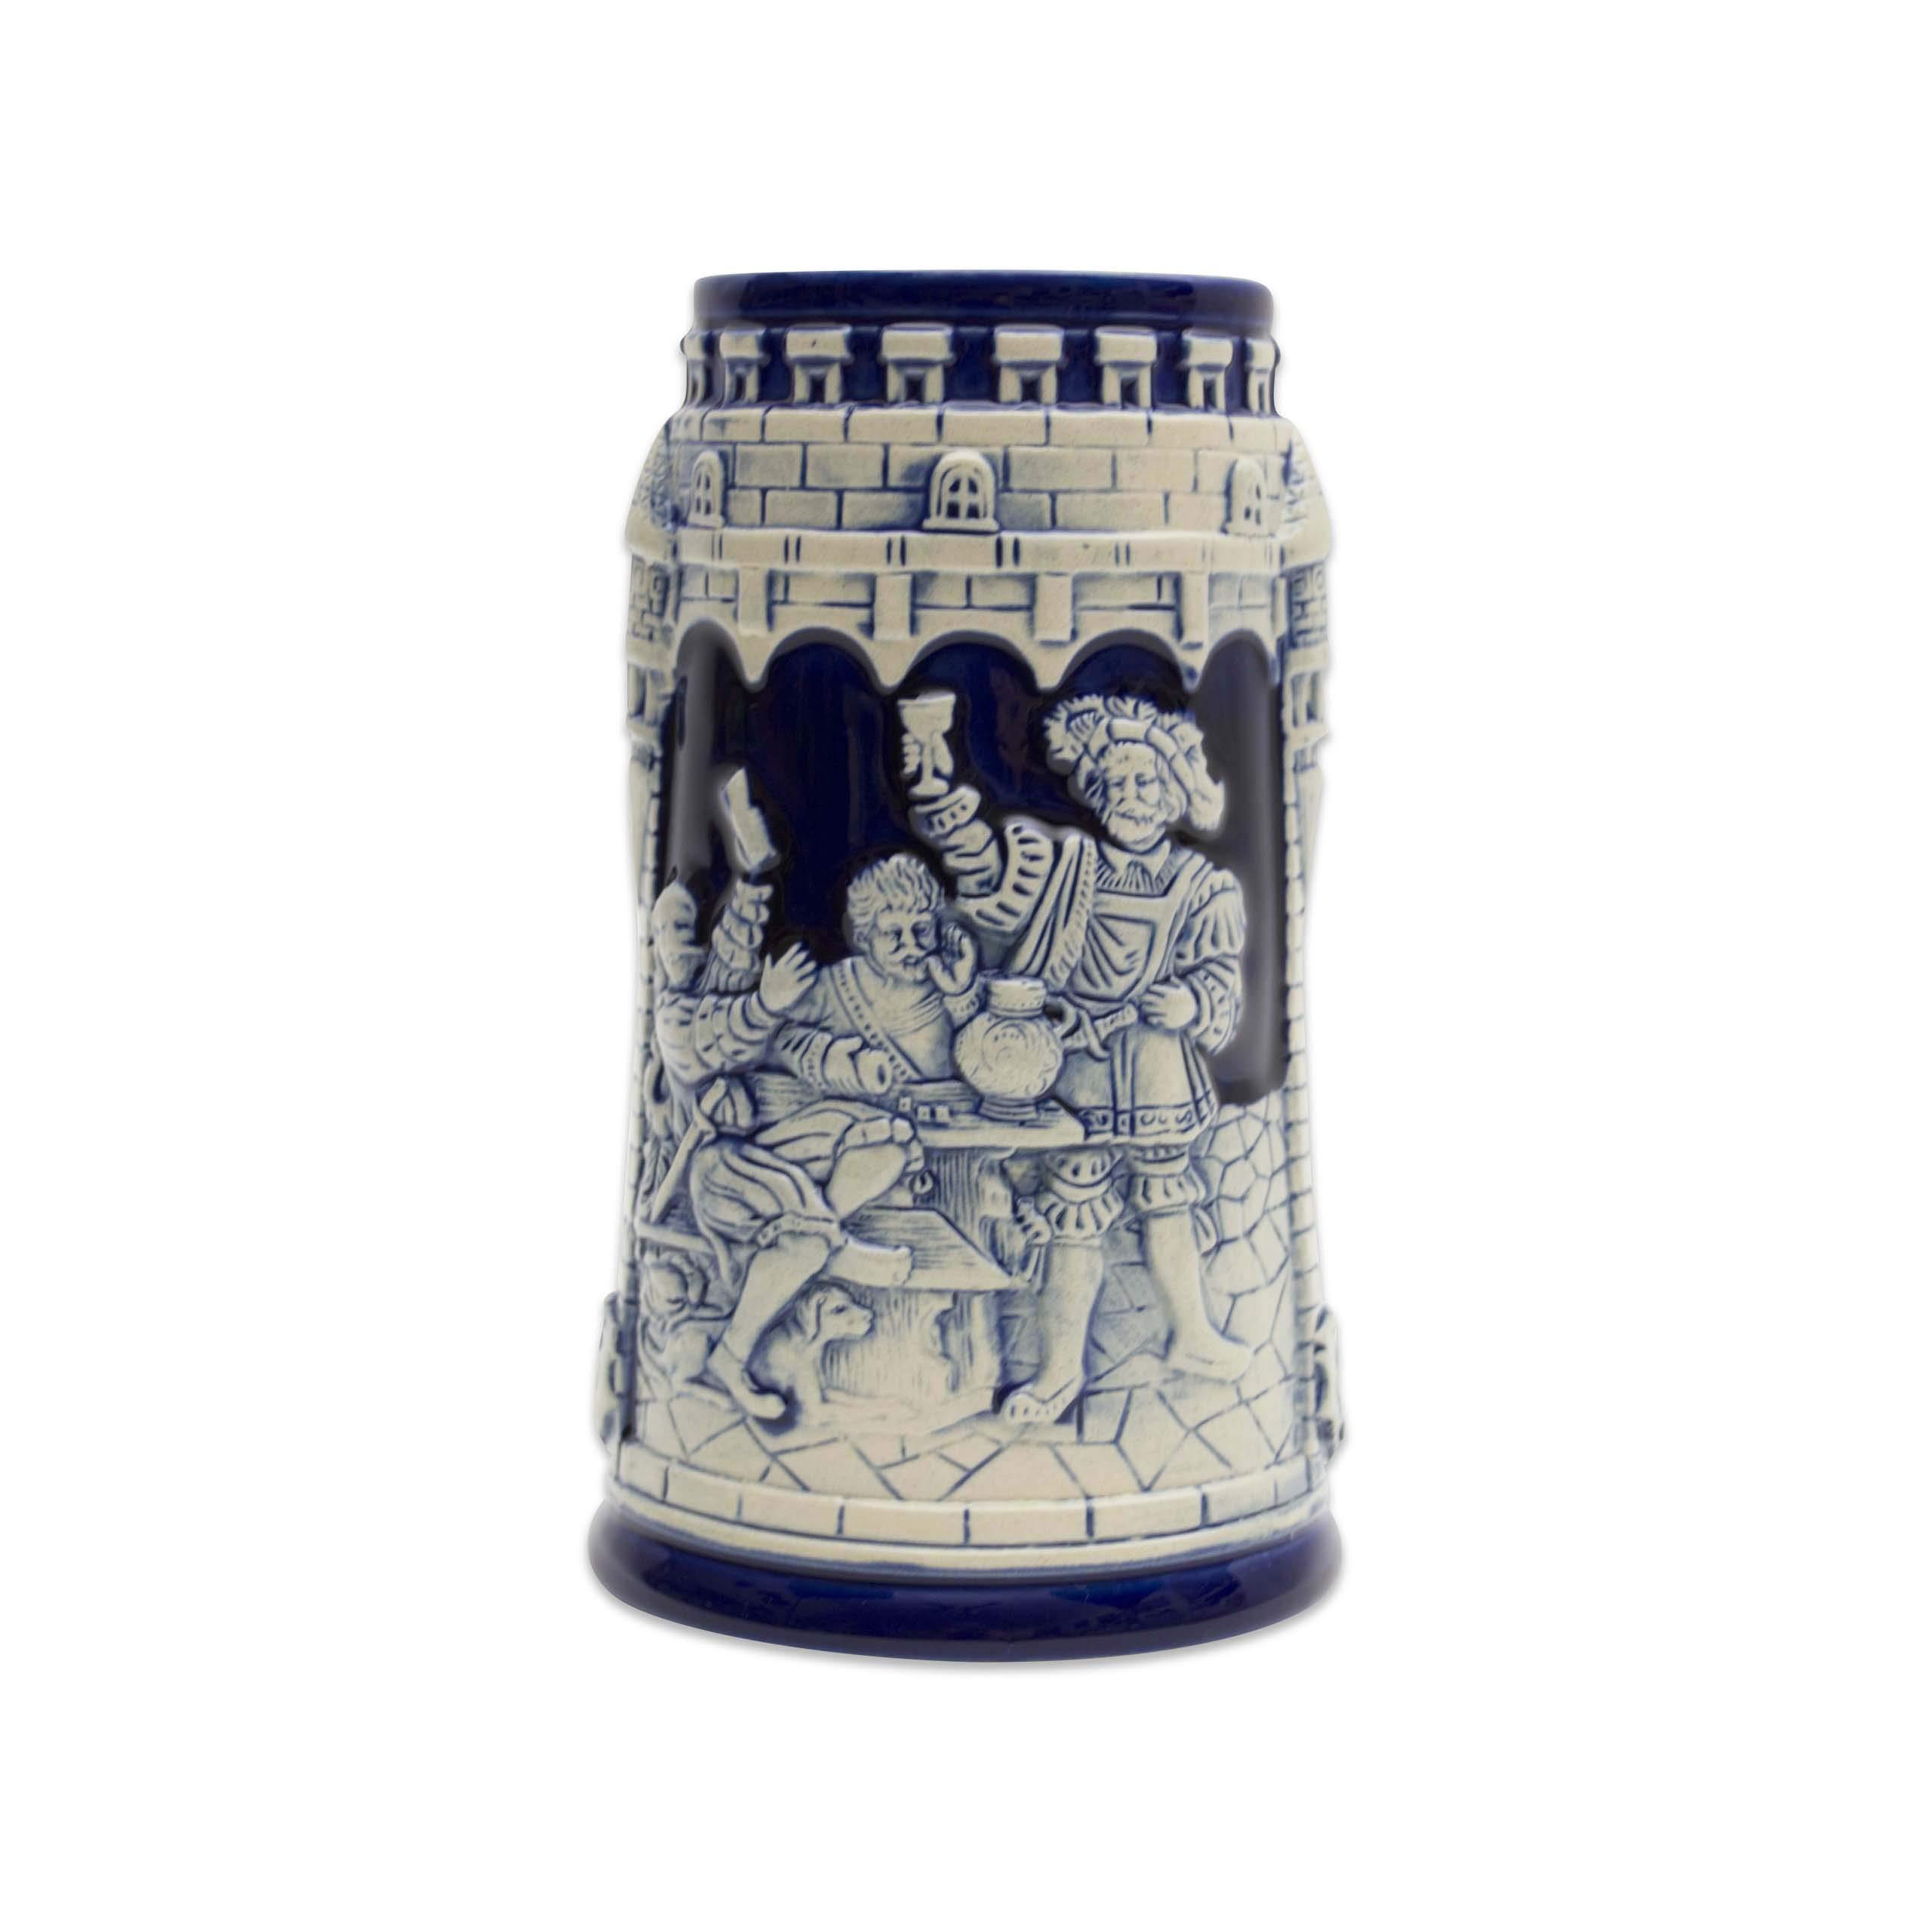 Beer Stein German Castle Festive Engraved Cobalt Blue Beer Mug by E.H.G. | .60 Liter